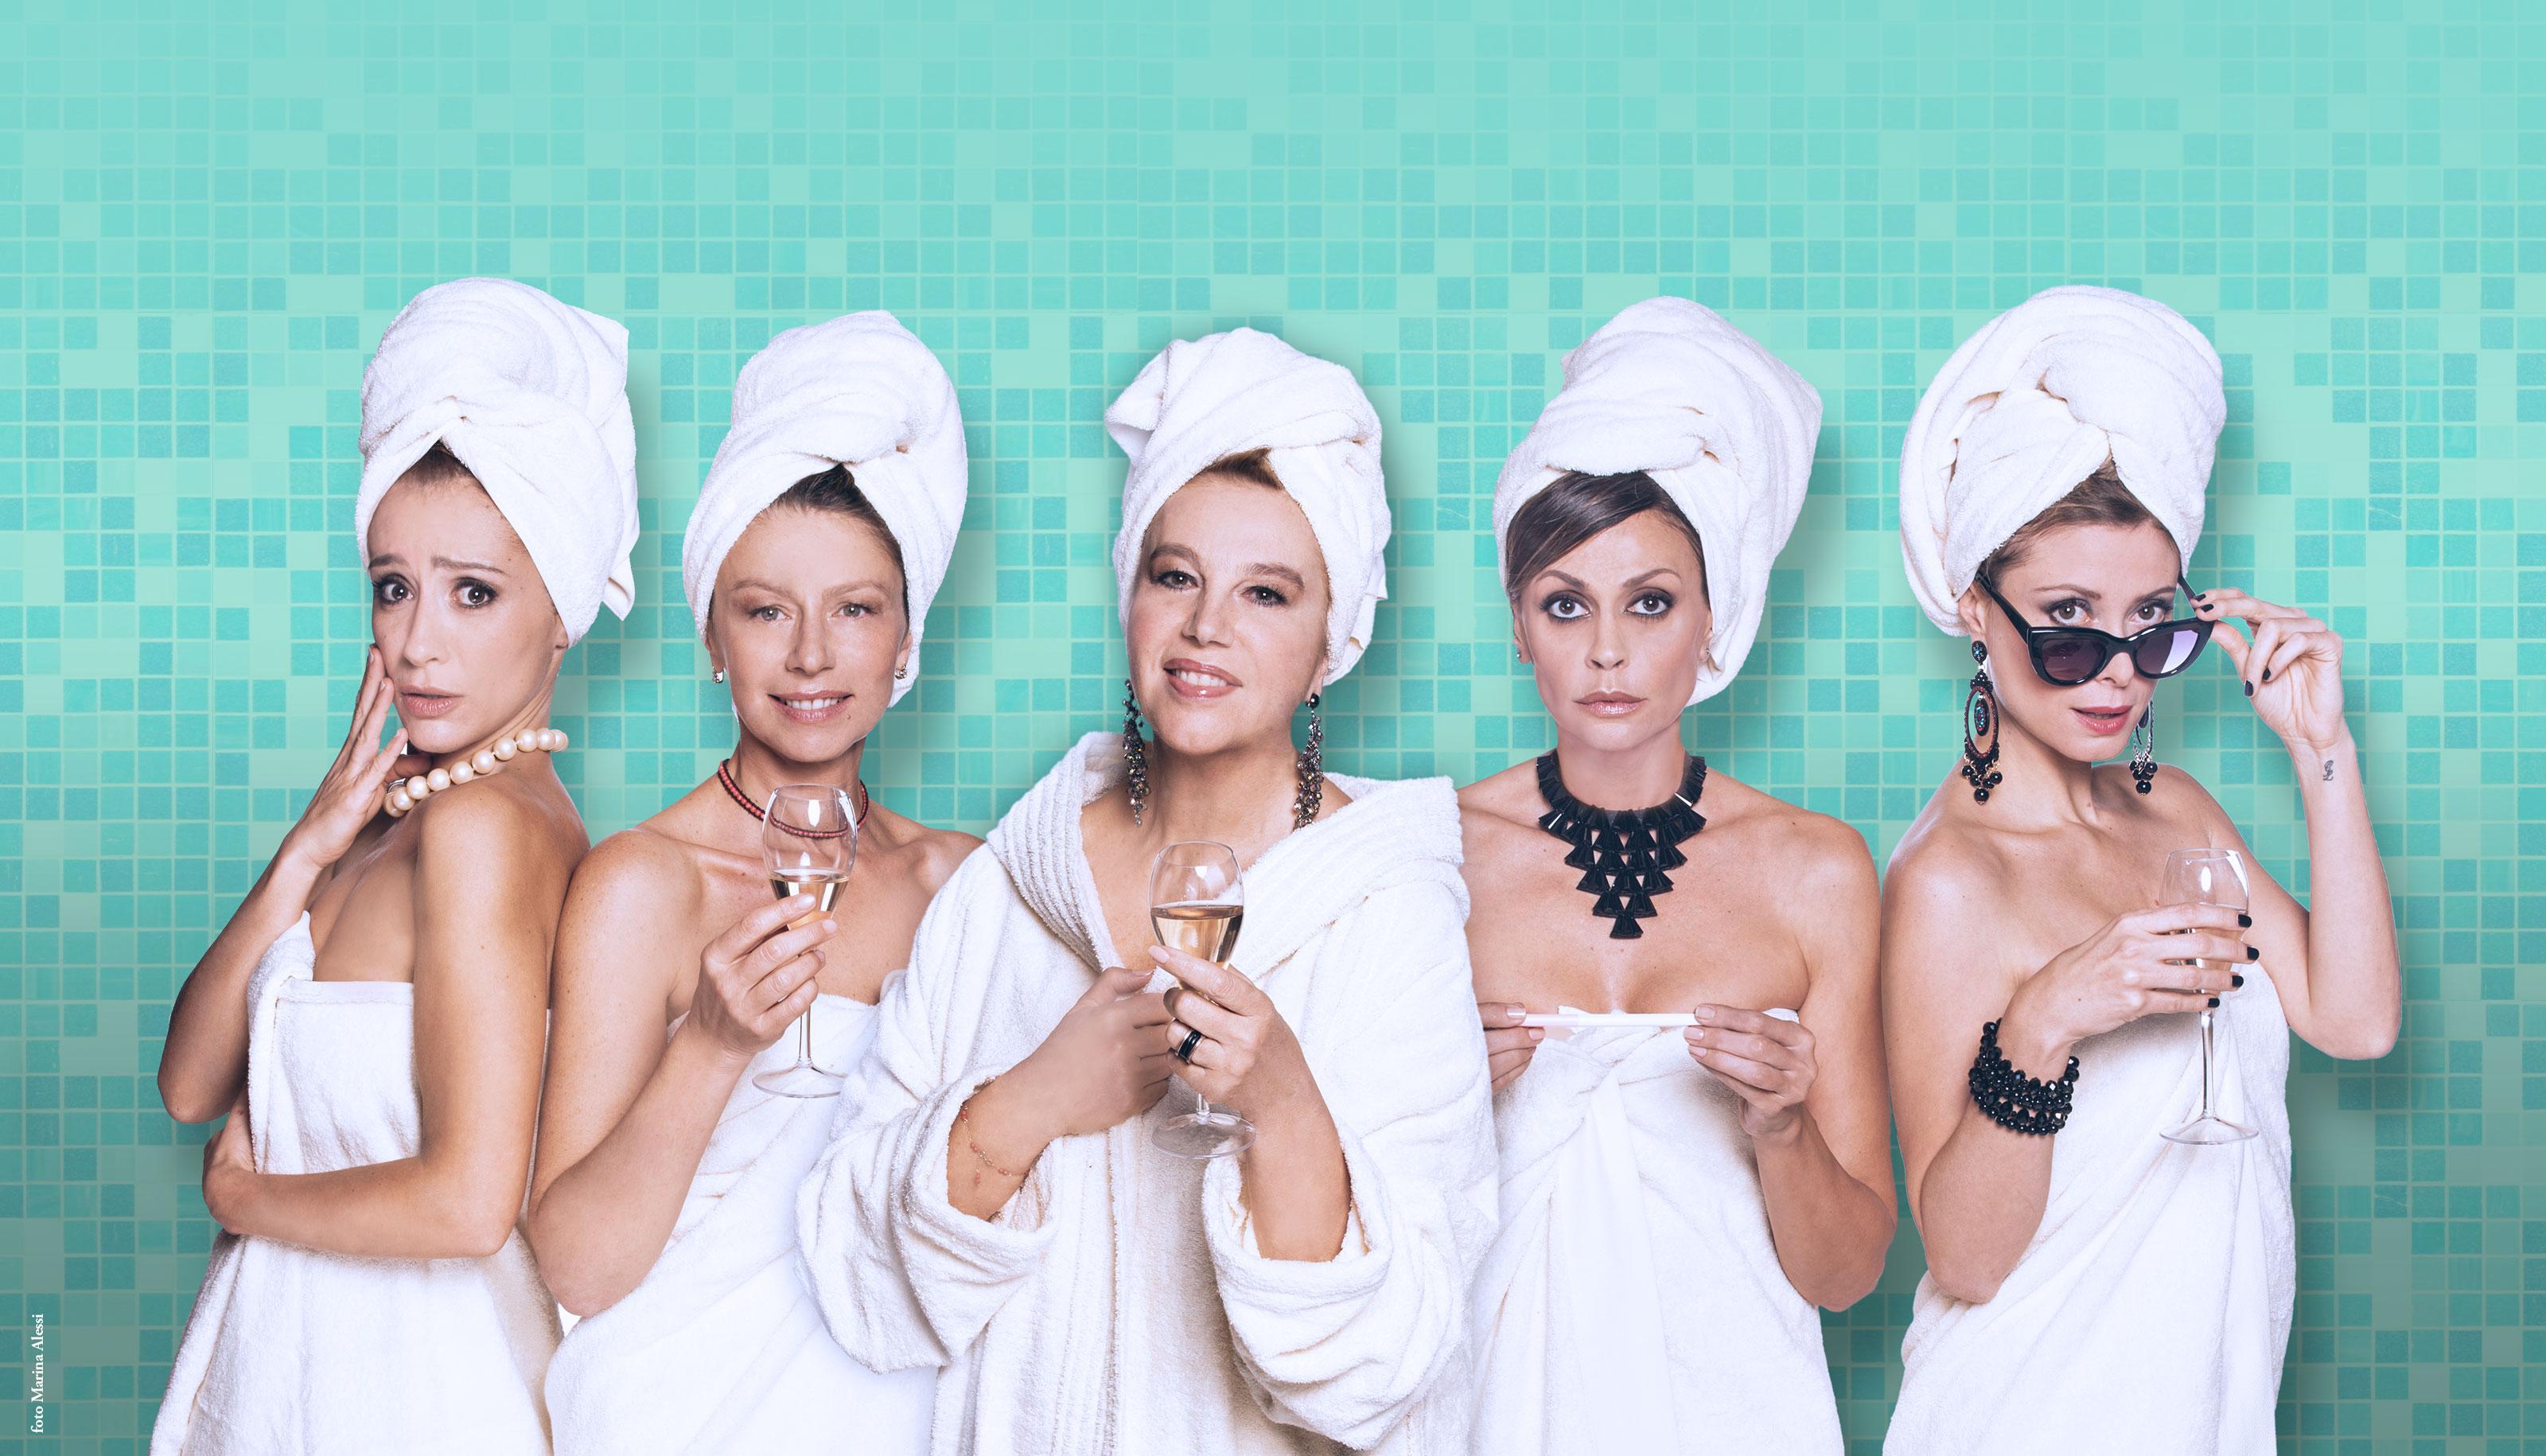 Il bagno eventi culturali magazine - Il bagno magazine ...